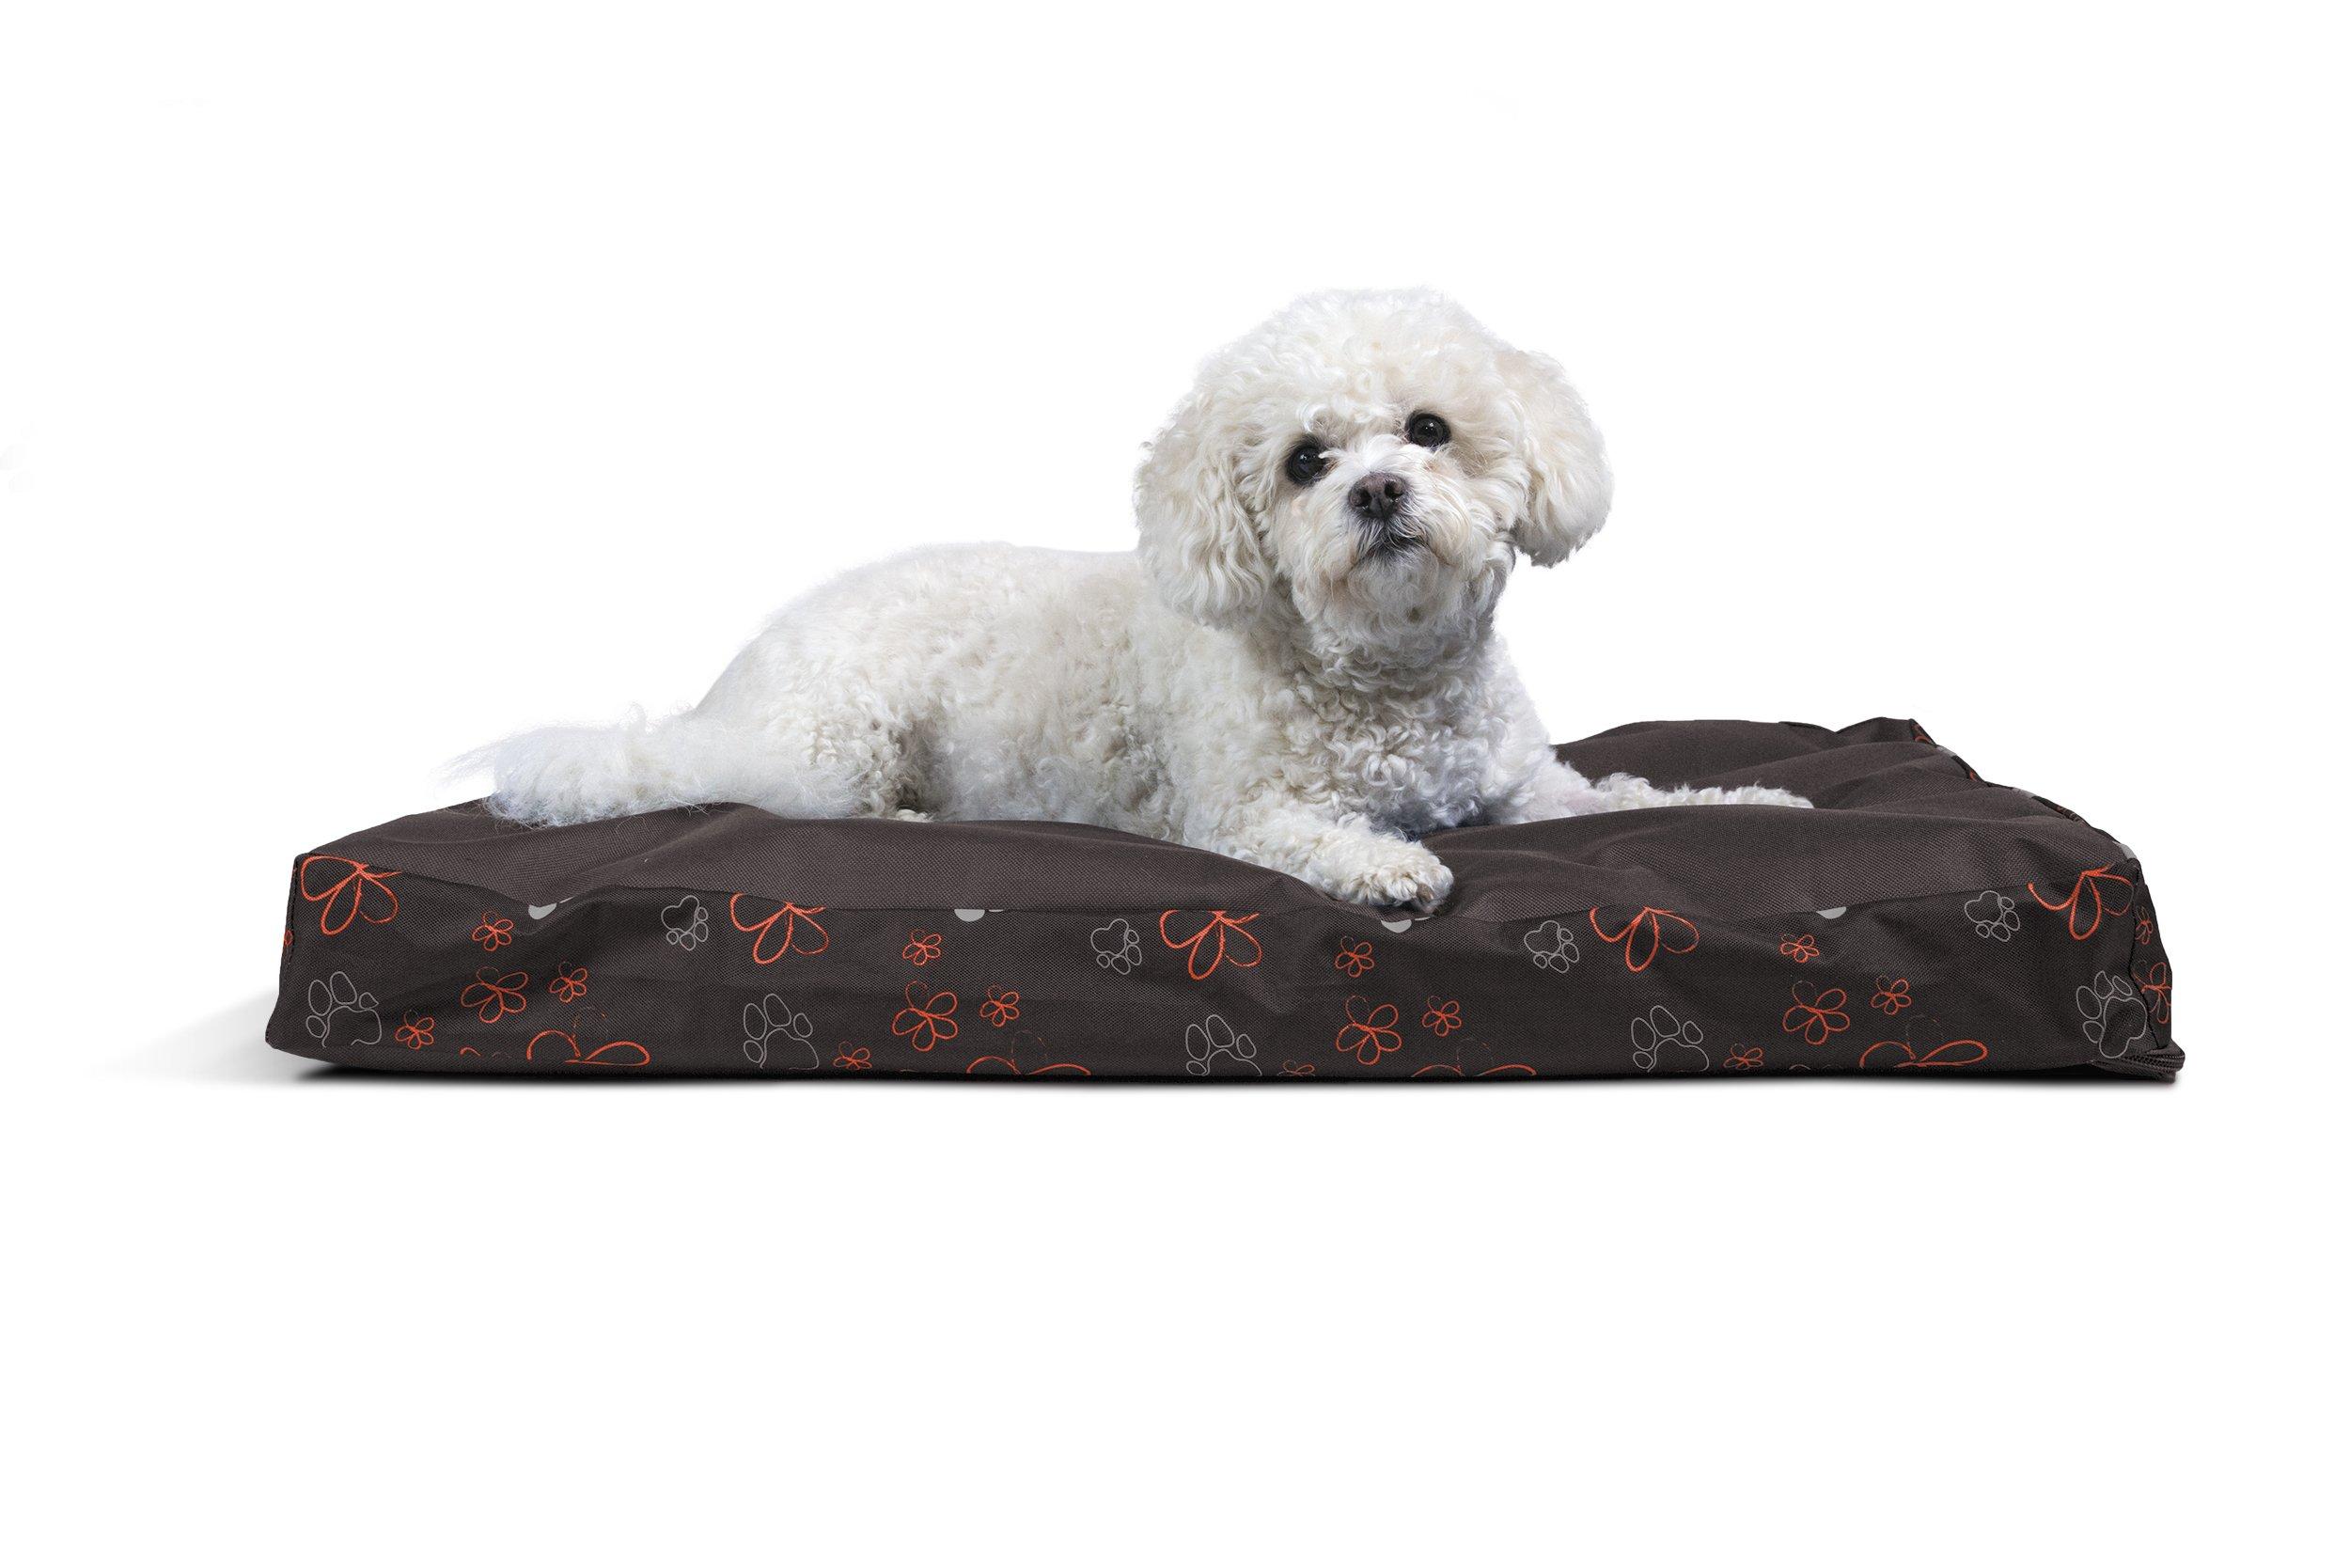 FurHaven Deluxe Memory Foam Indoor/Outdoor Garden Pet Bed for Dogs and Cats, Bark Brown, Medium